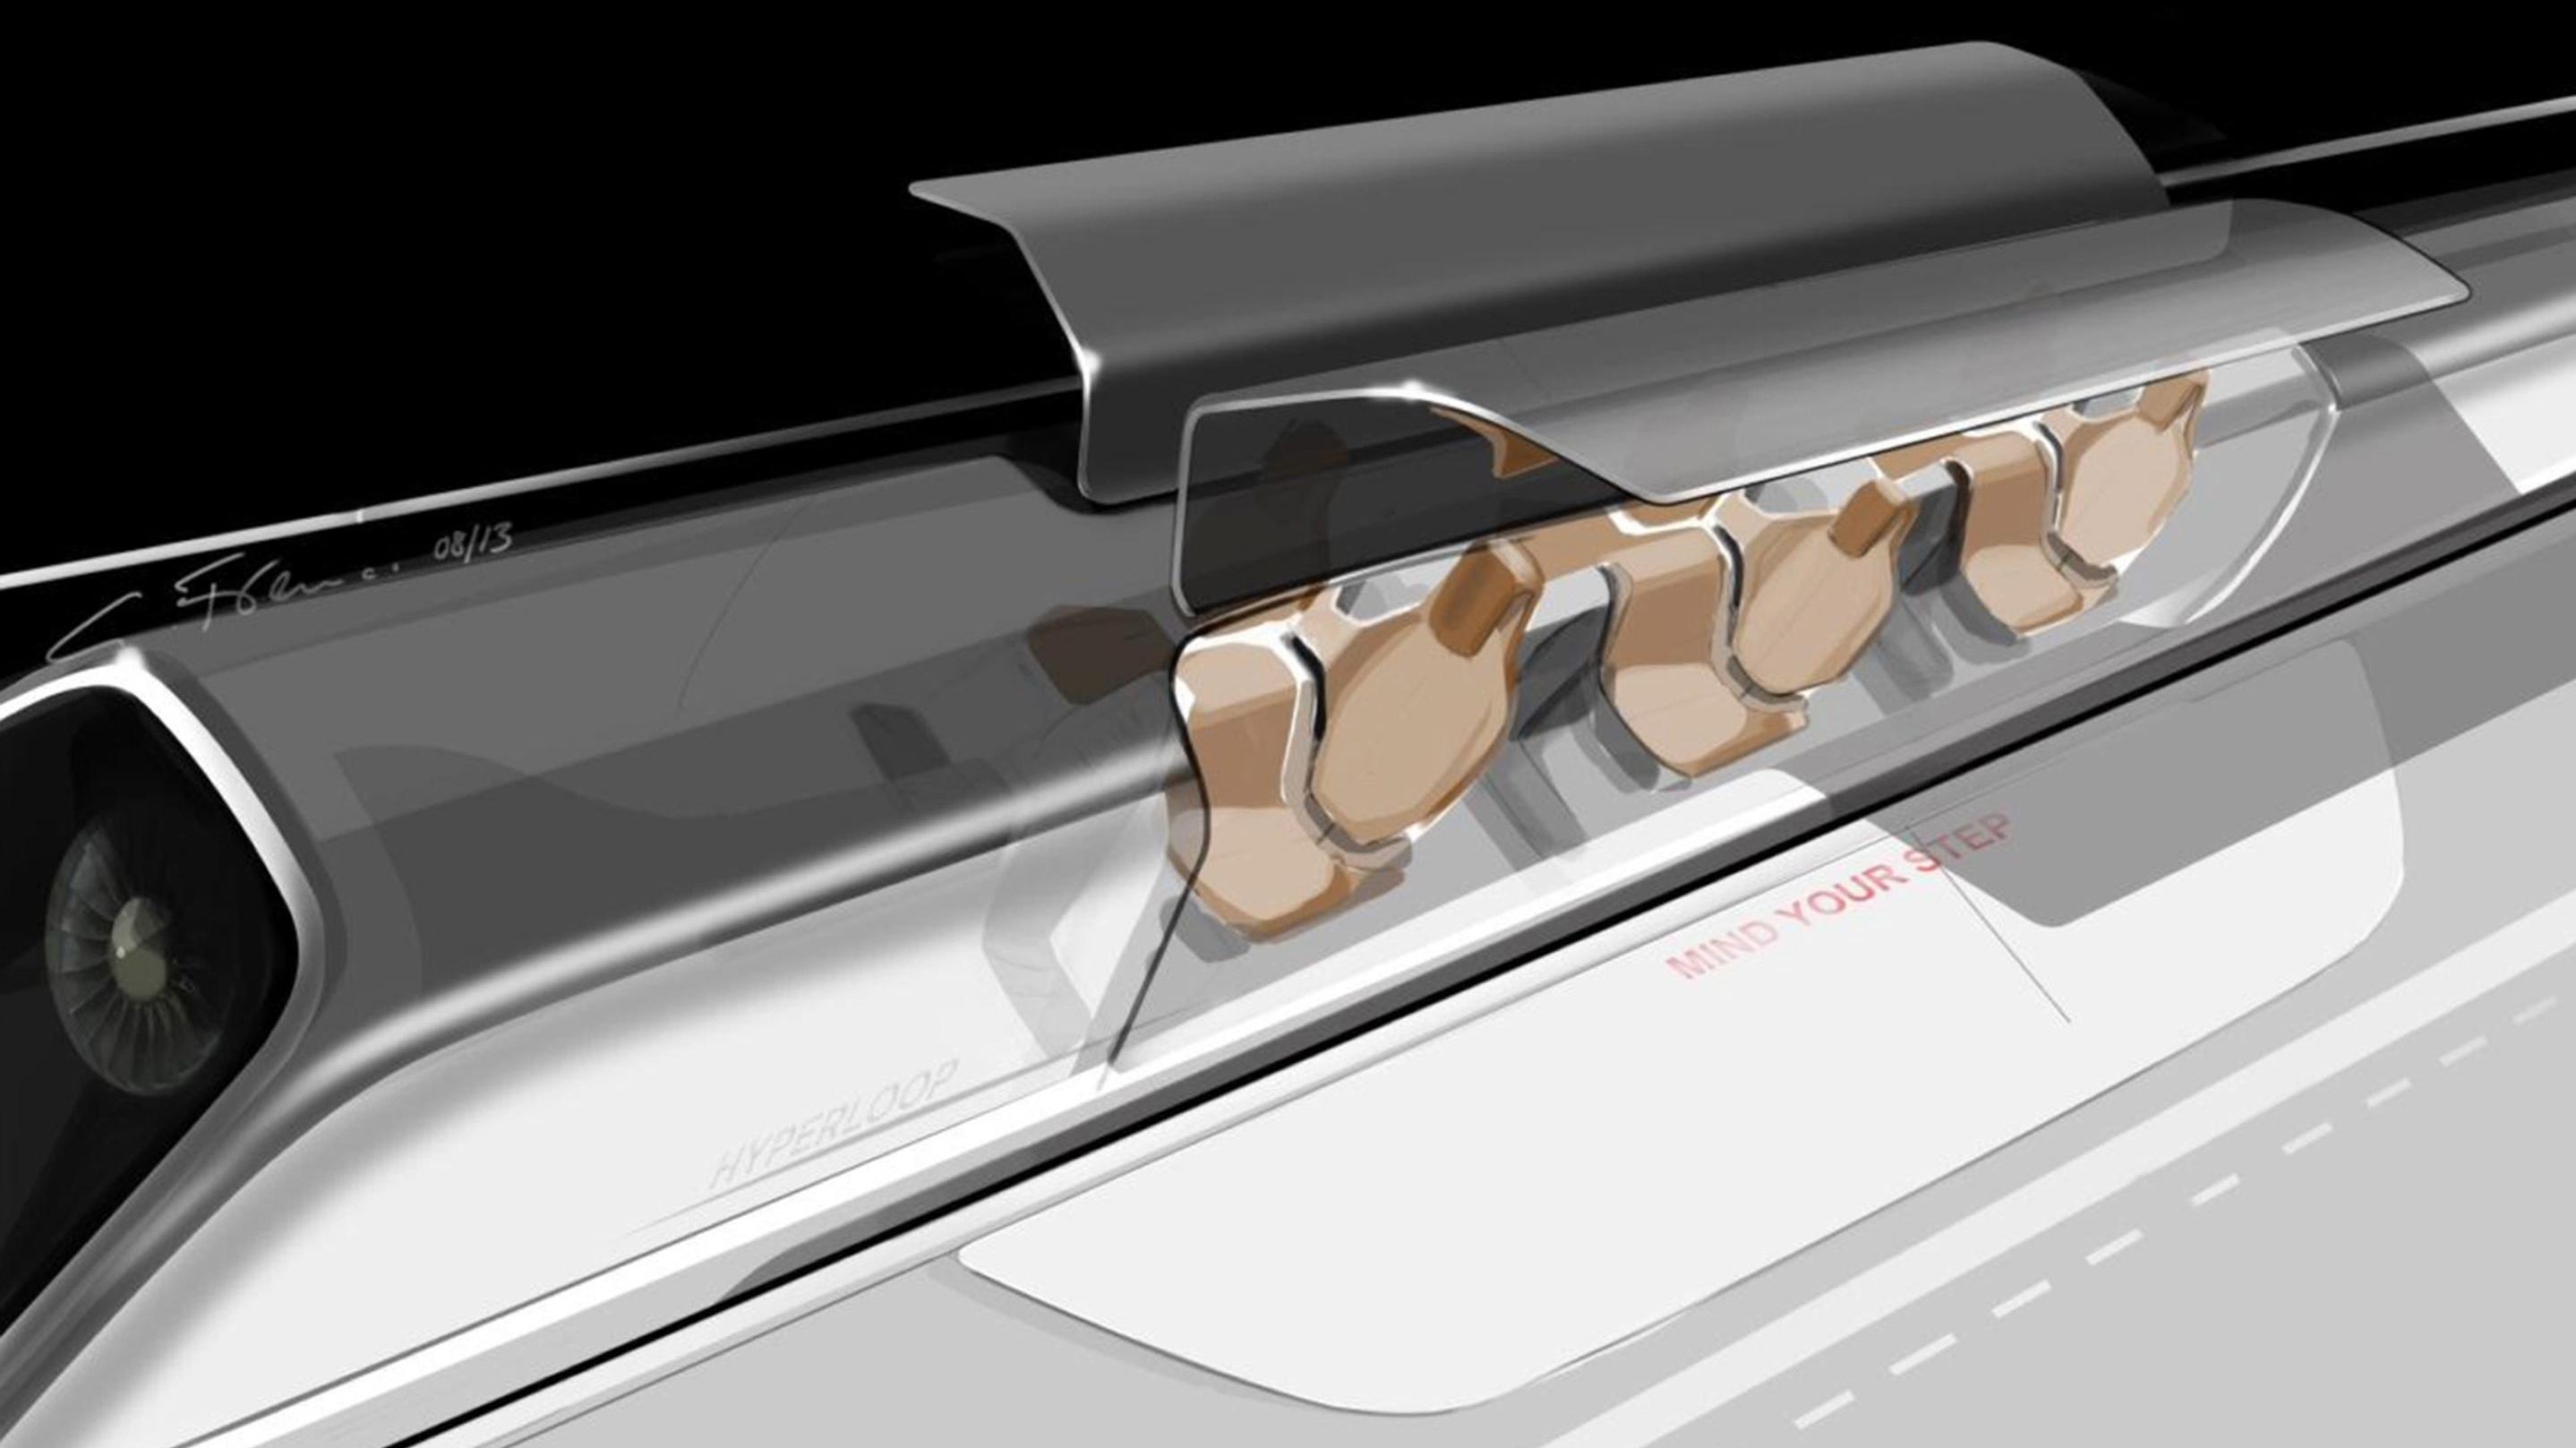 Konzeptzeichnung einer Hyperloop-Kapsel mit Sitzplätzen für den Personenverkehr